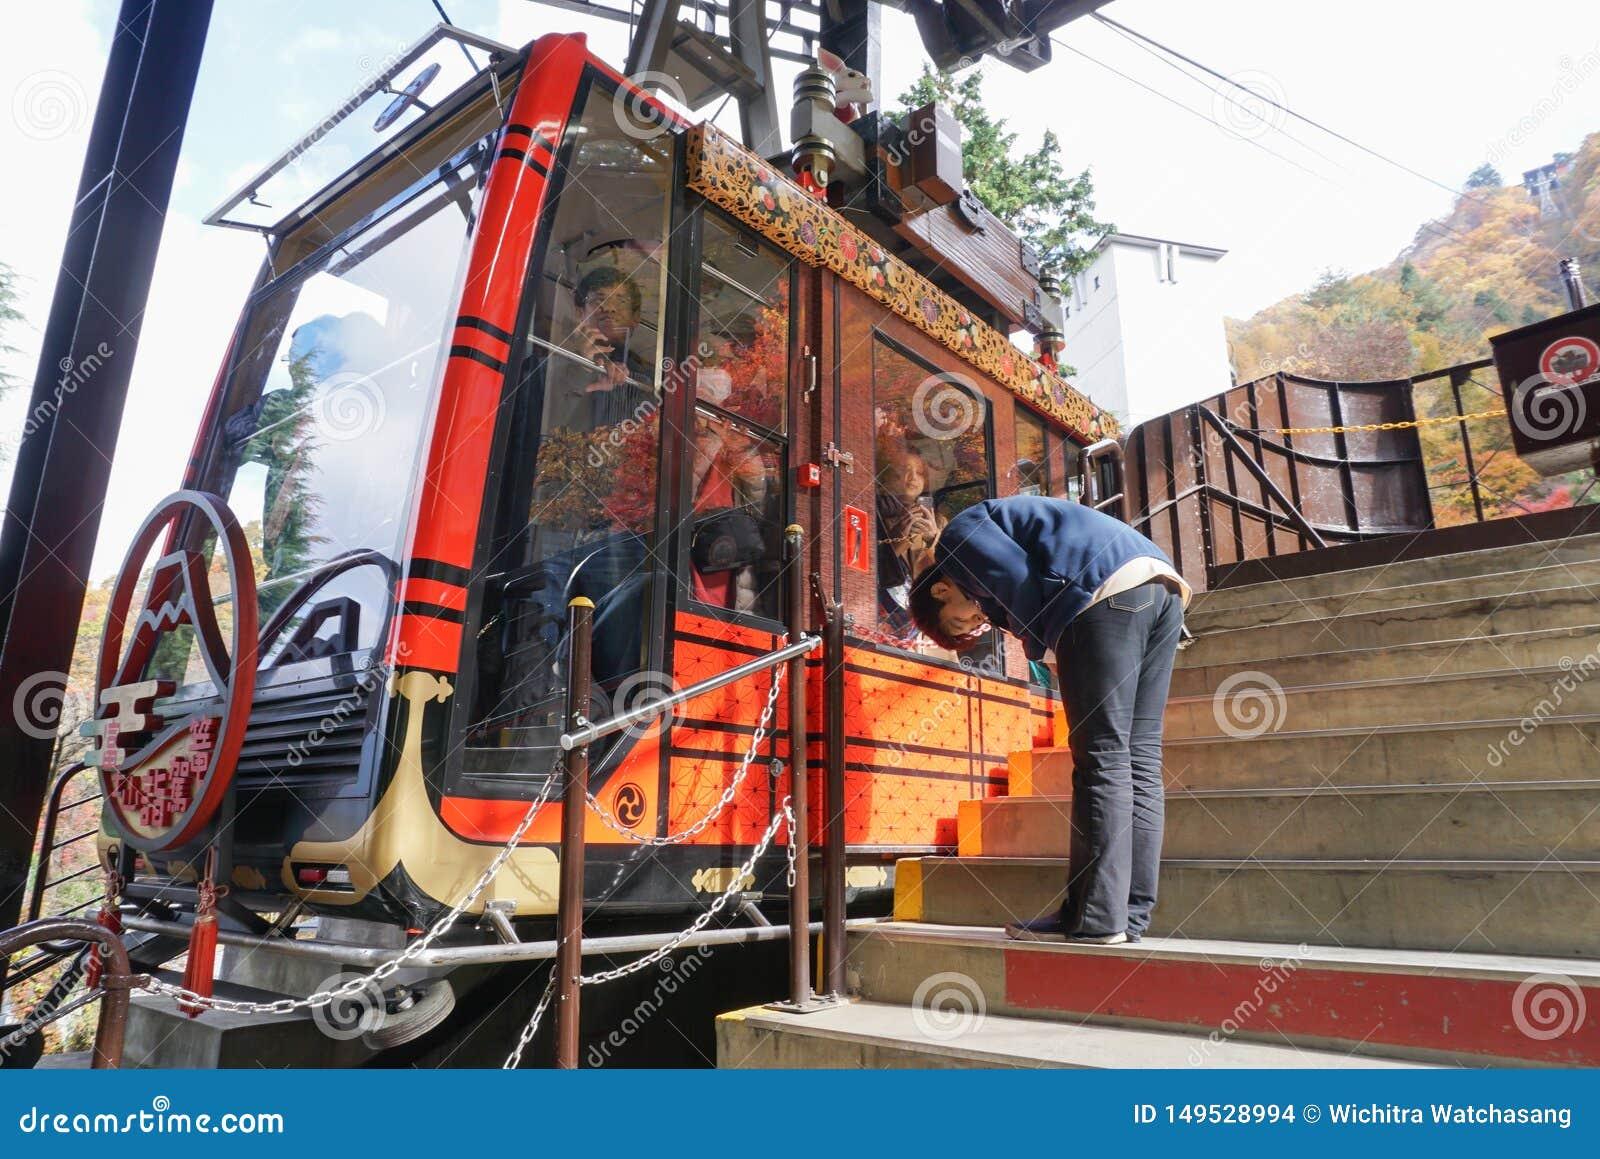 Een man stokvoering de reiziger van de kabelwagen na eind van de dienst bij het gezichtspunt van Meerkawaguchi, Japan